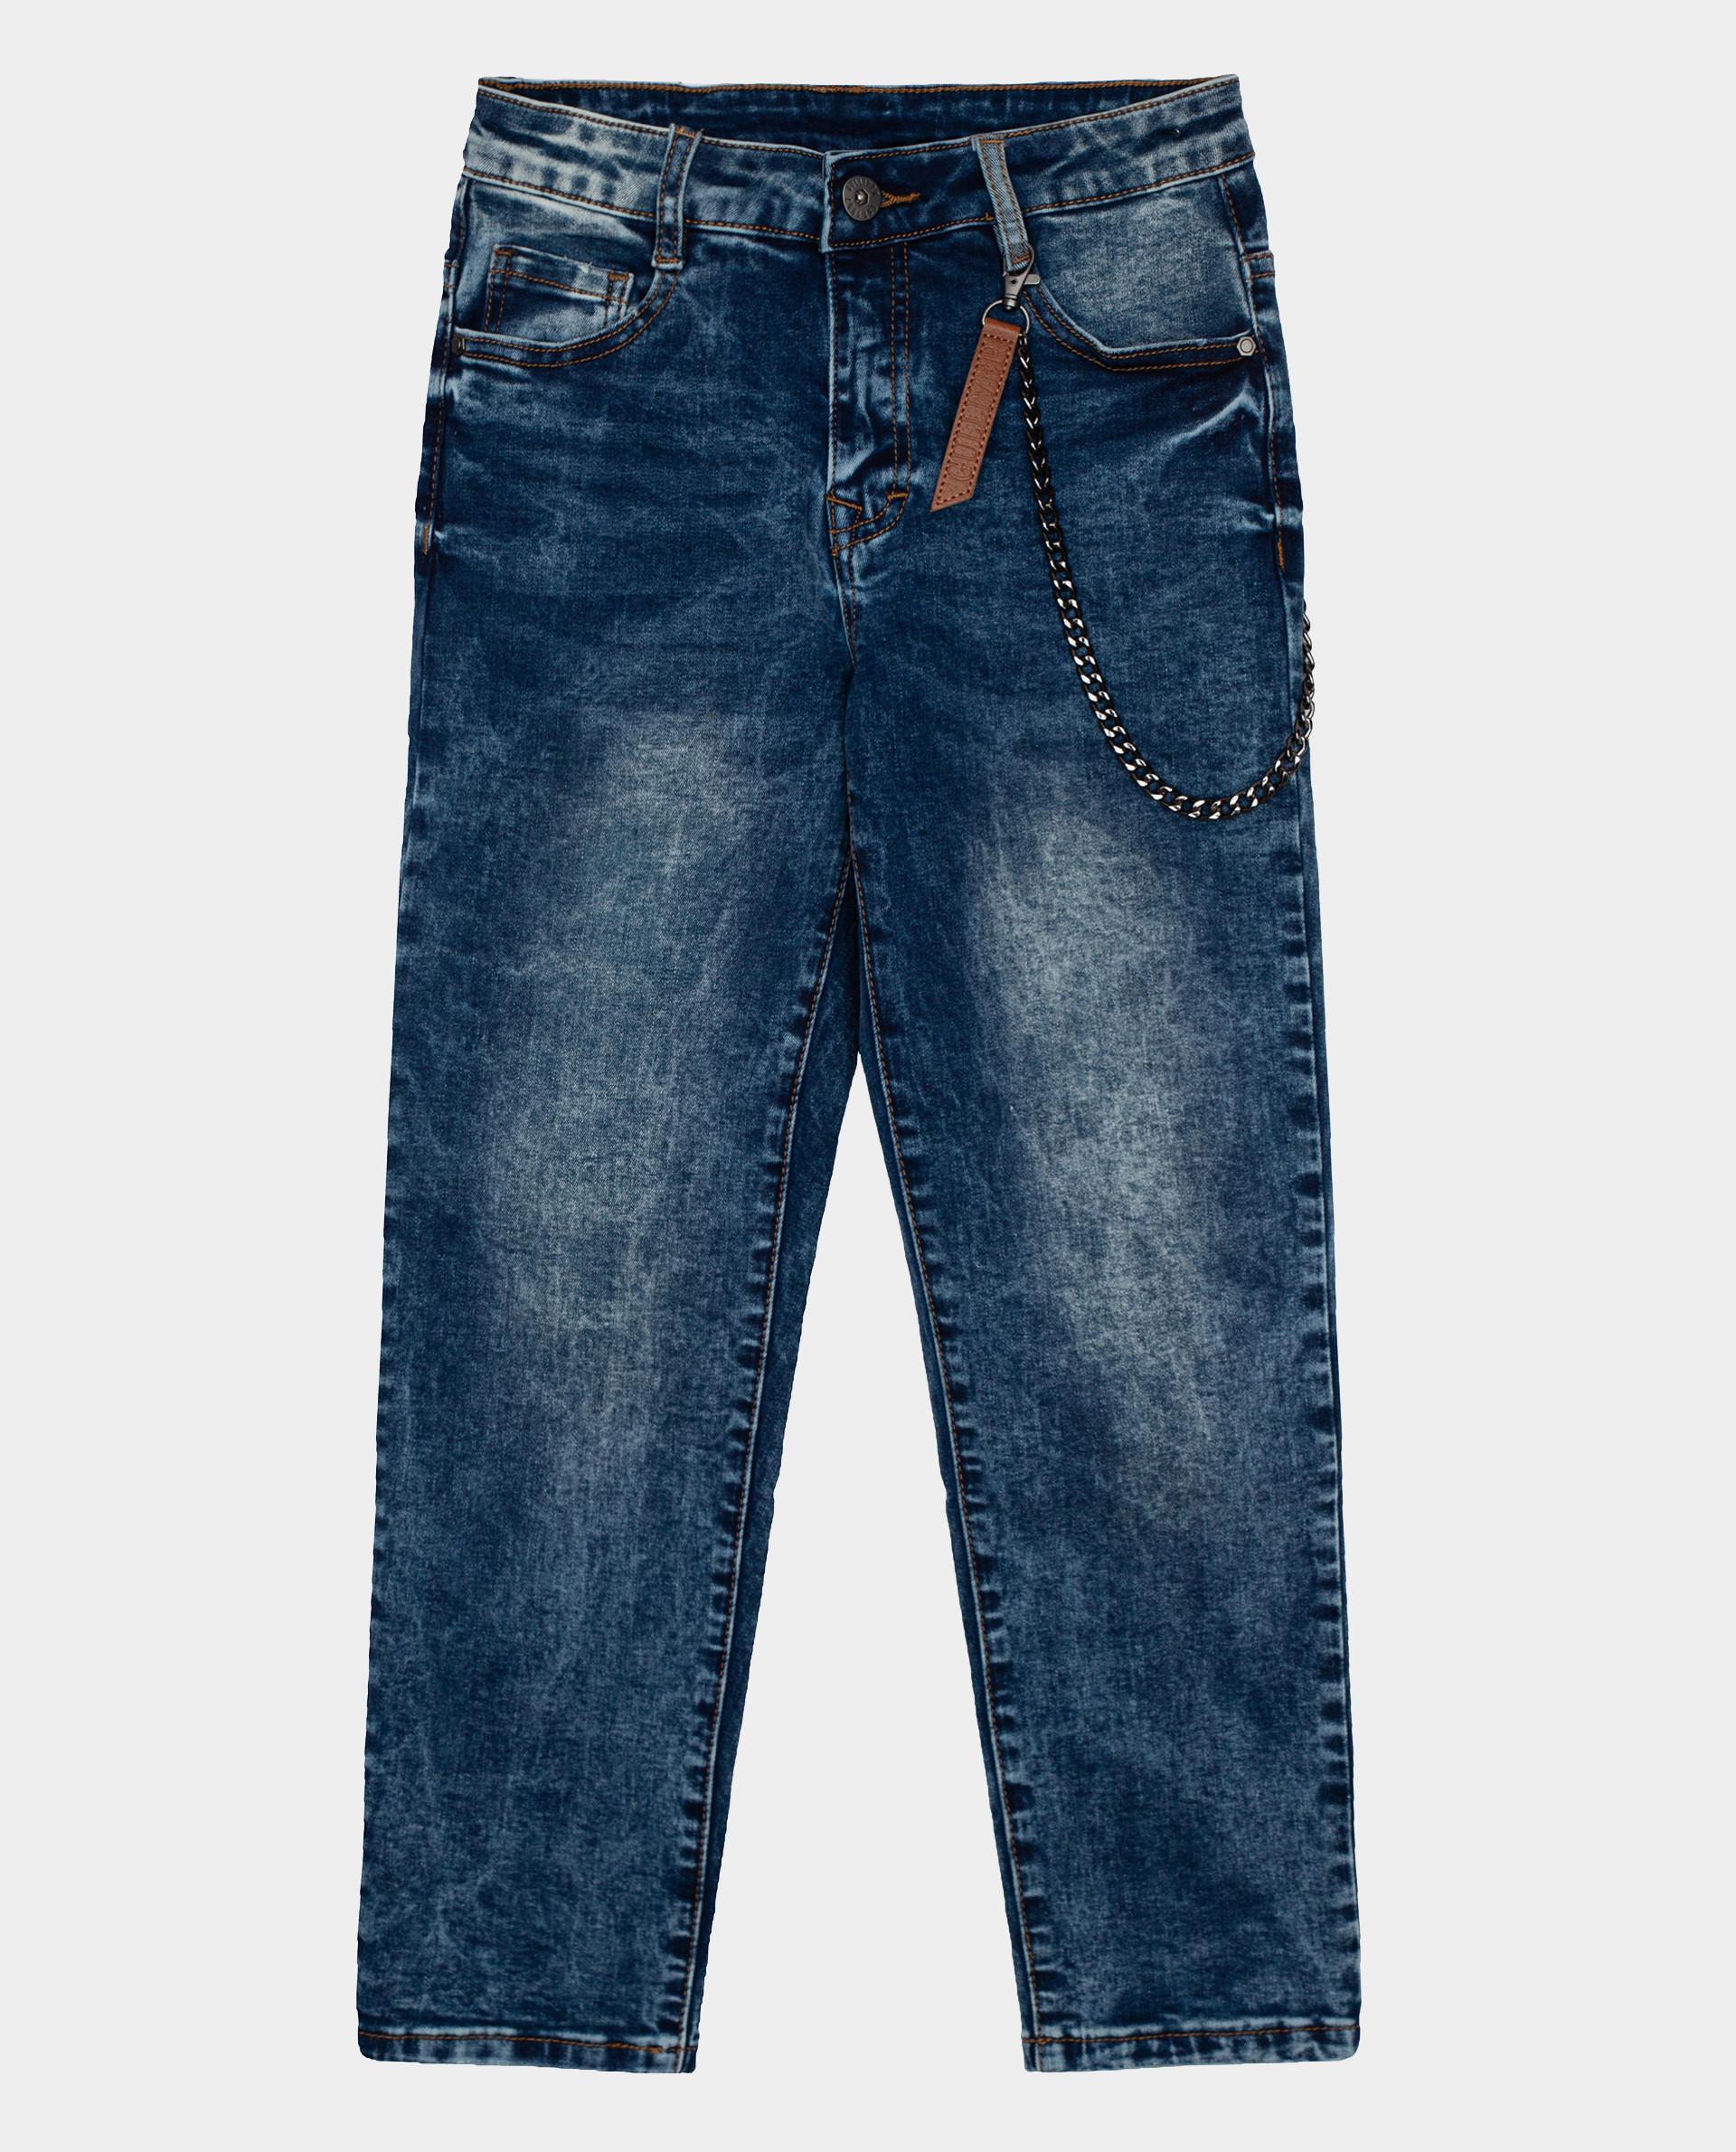 Синие джинсы Gulliver размер 158*76*66 22010BJC6302